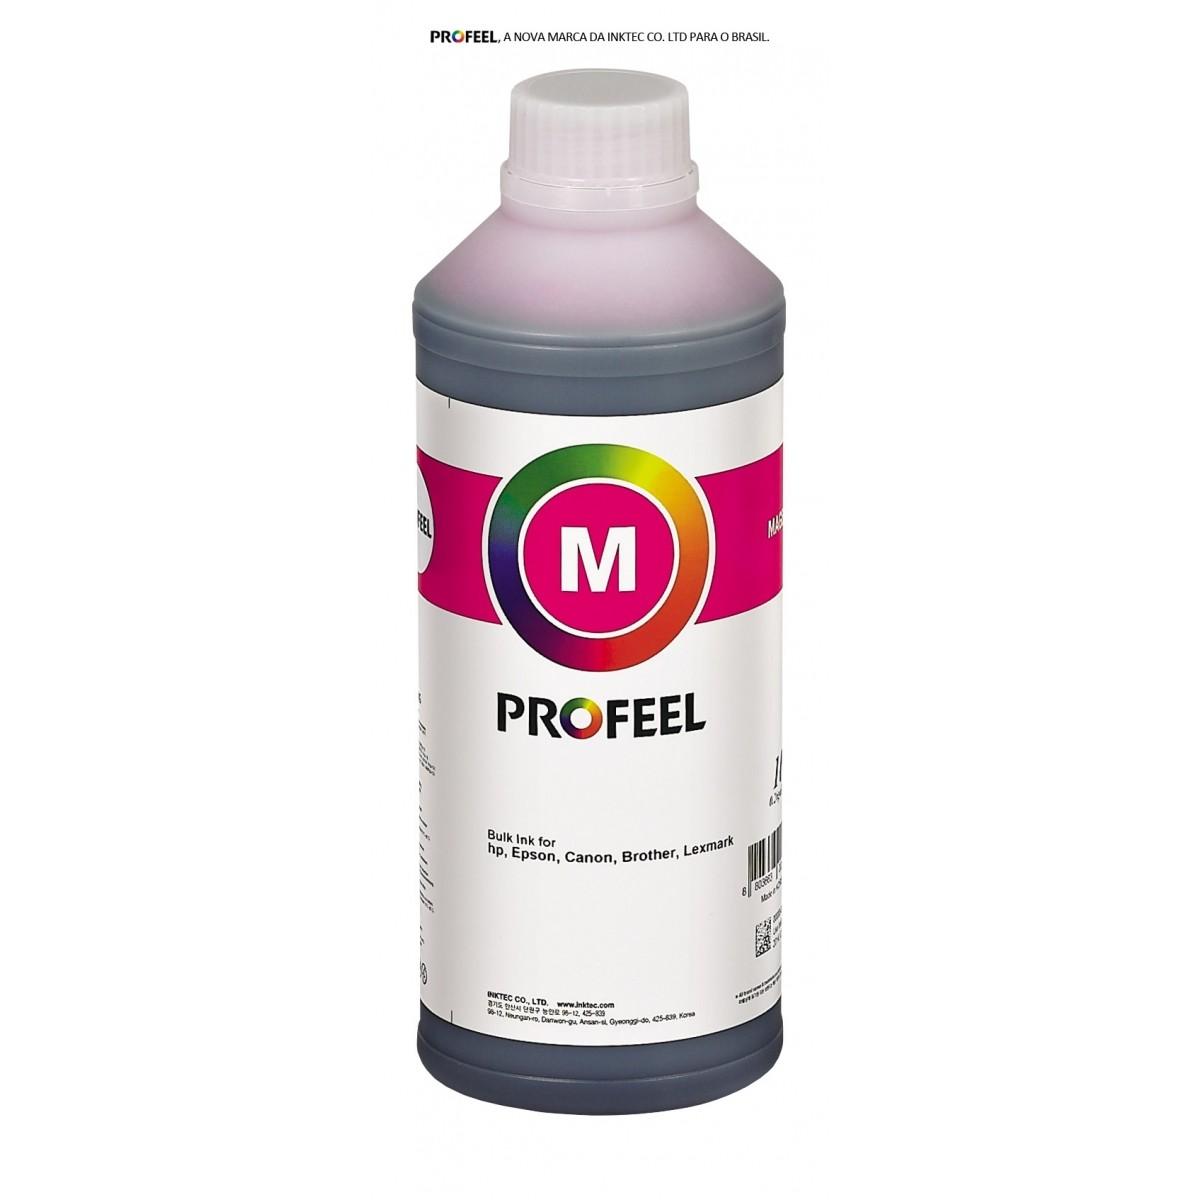 Tinta corante InkTec Profeel para Epson | modelo EU1000-01LM | Frasco de 1 litro | Cor : Magenta